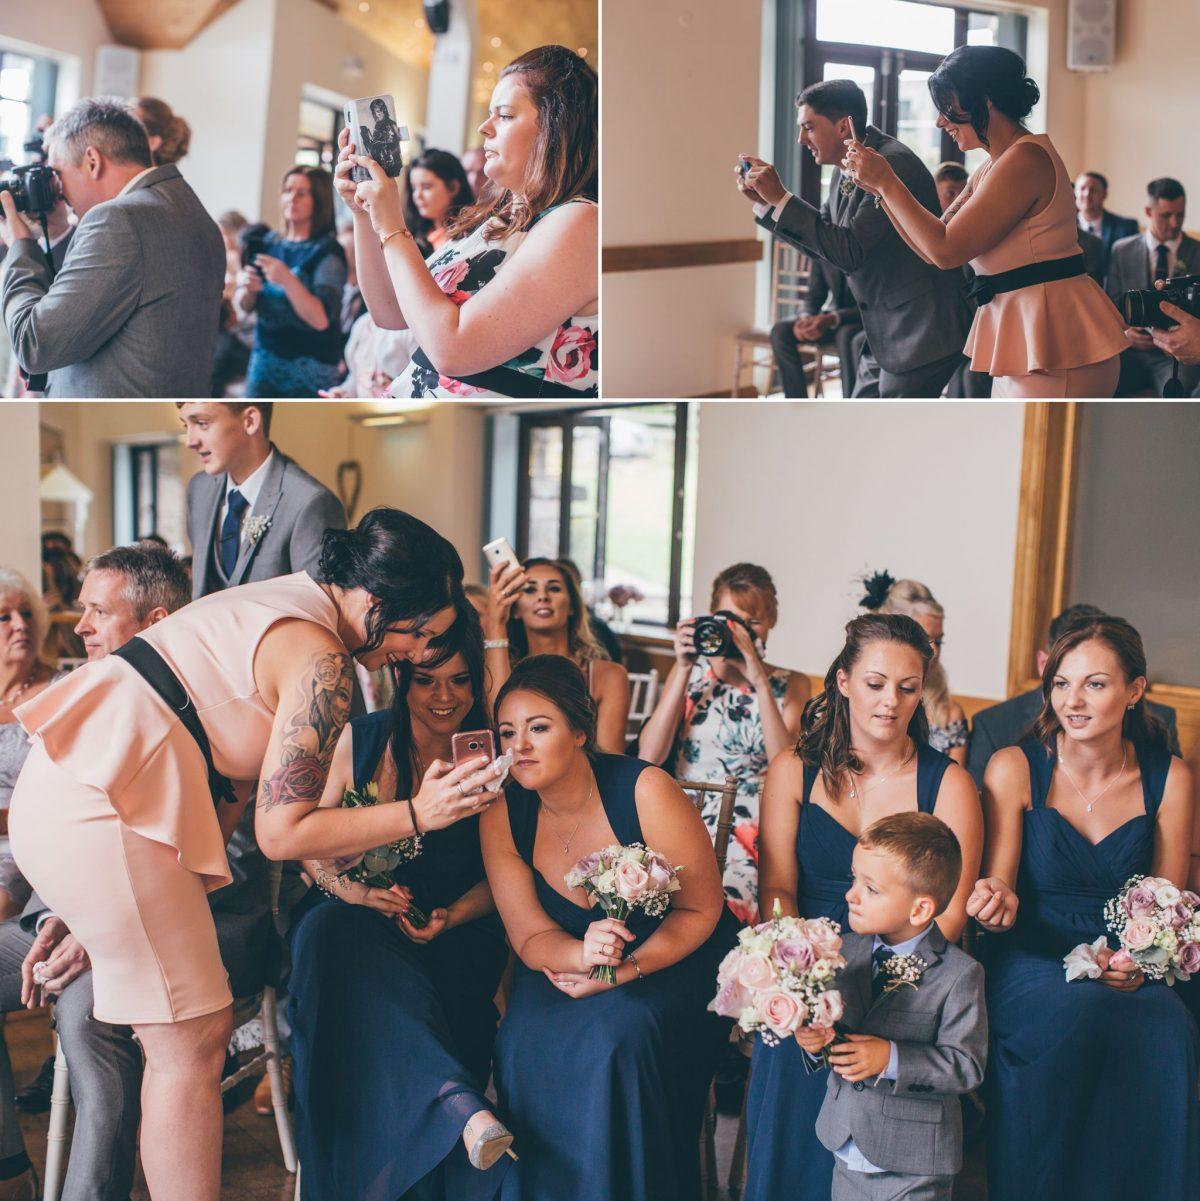 welsh_wedding_photographer_rachel_lambert_photography_canada_lake_lodge_michaela_haydn_ 64